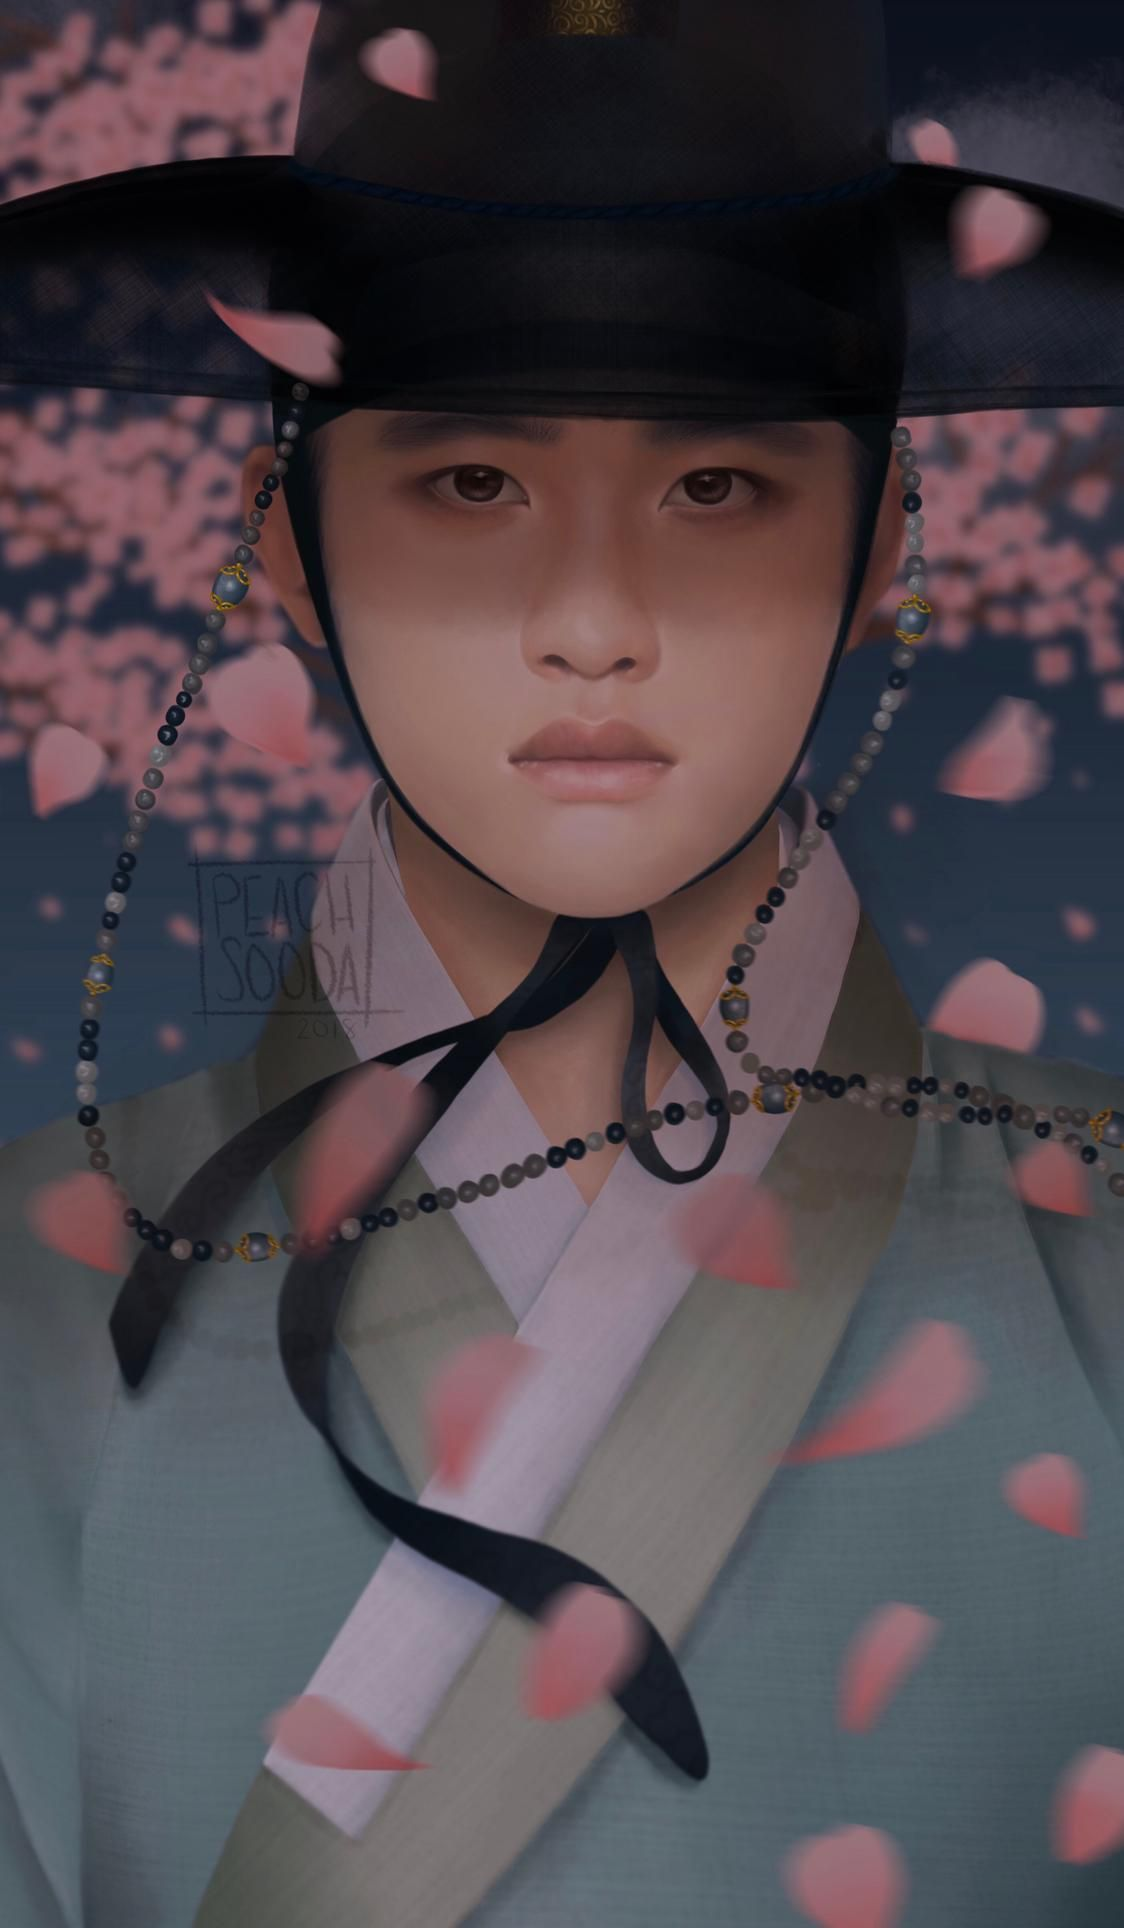 전하 by PeachSooda on Anime anak lakilaki, Animasi, Exo